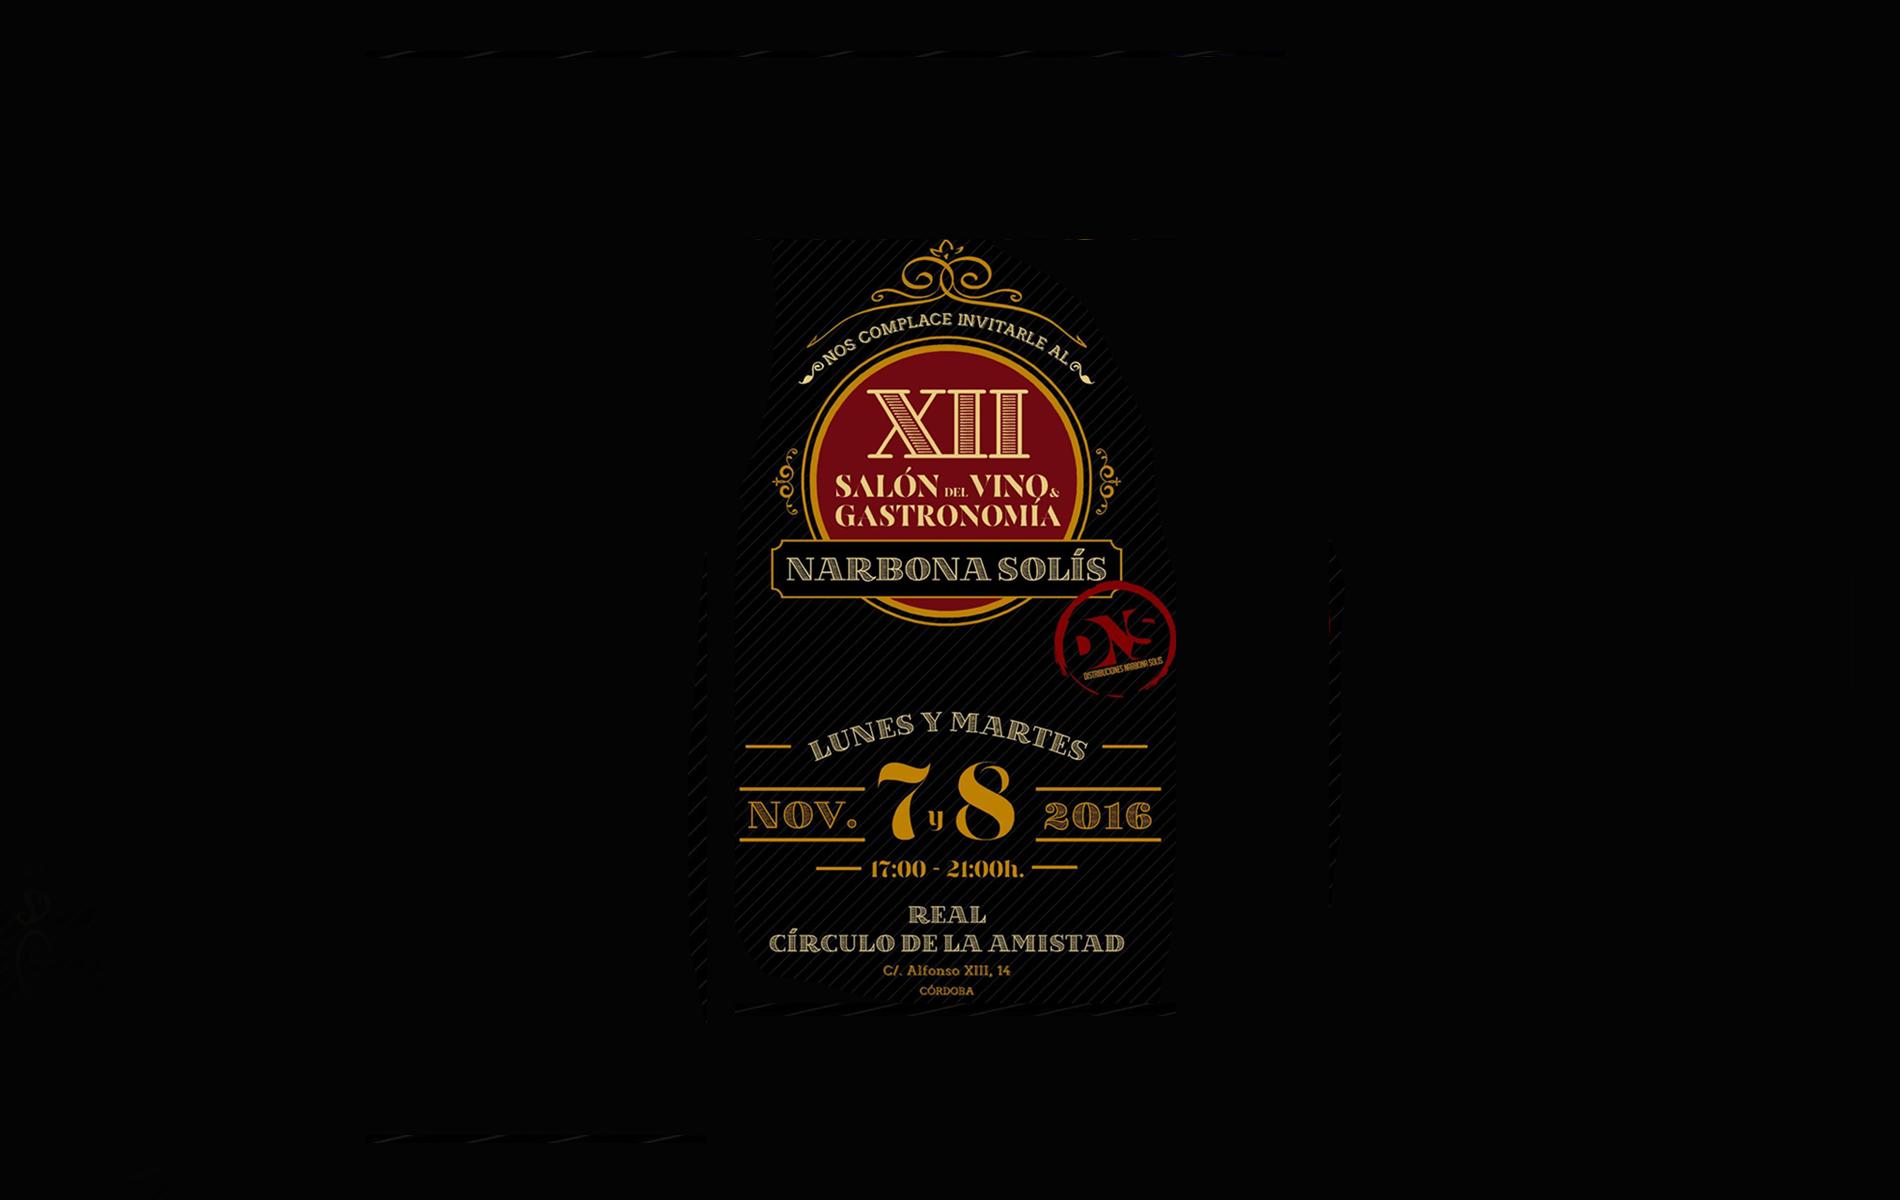 XII Salón del vino